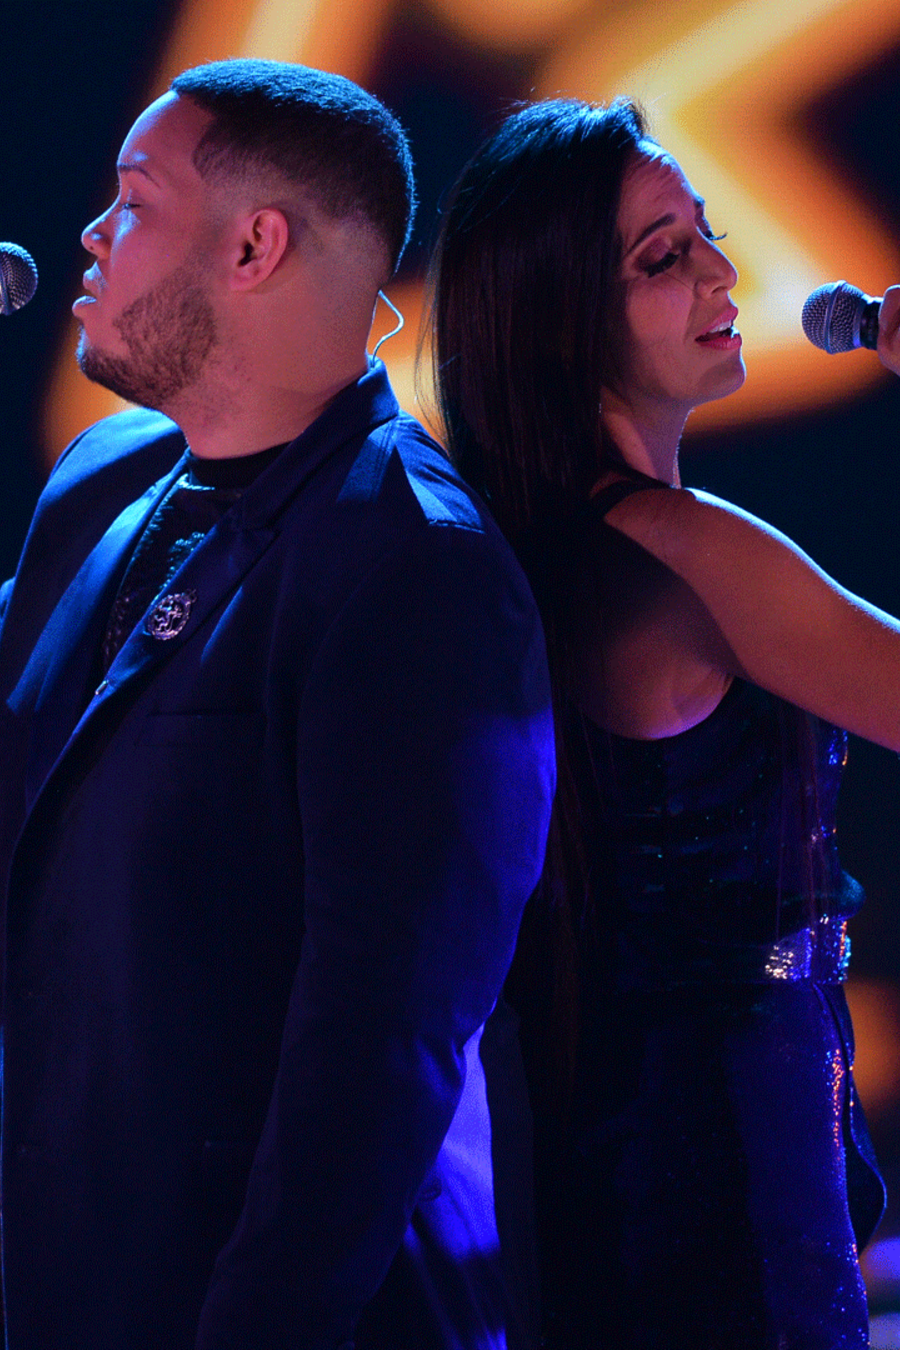 Abdiel Pacheco y Mayre Martinez